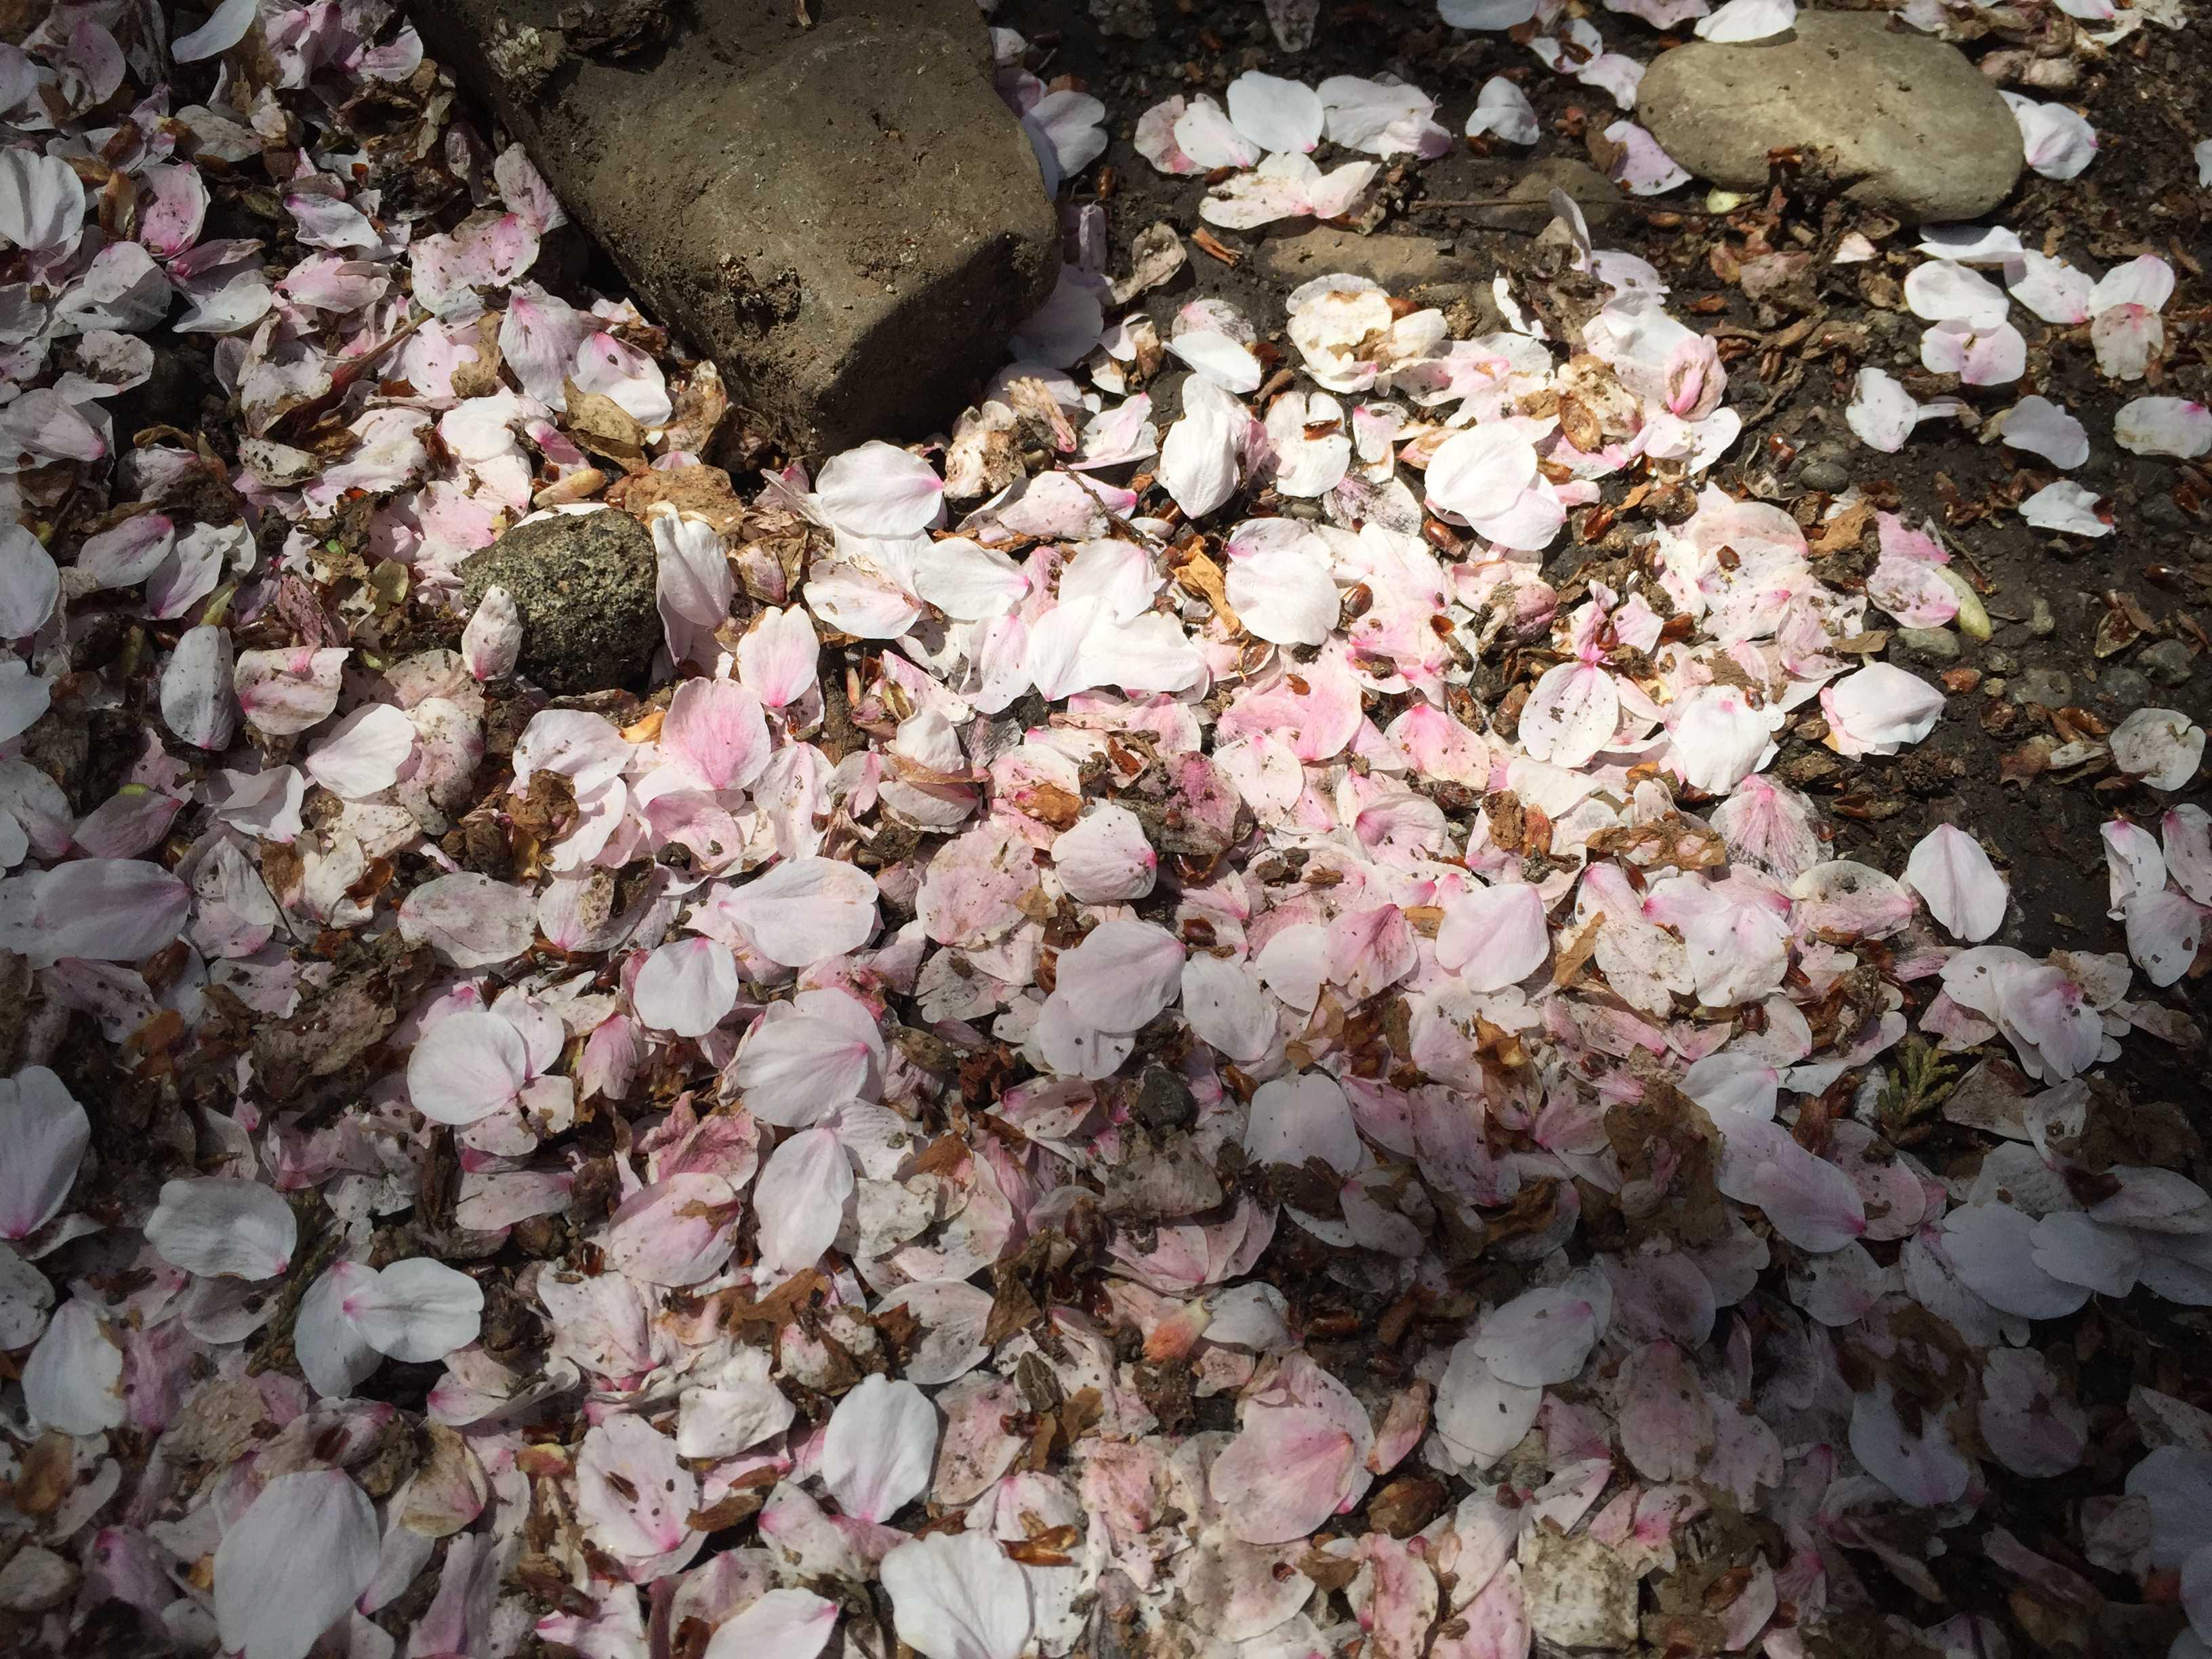 八王子・子安神社境内の散った桜の花びら